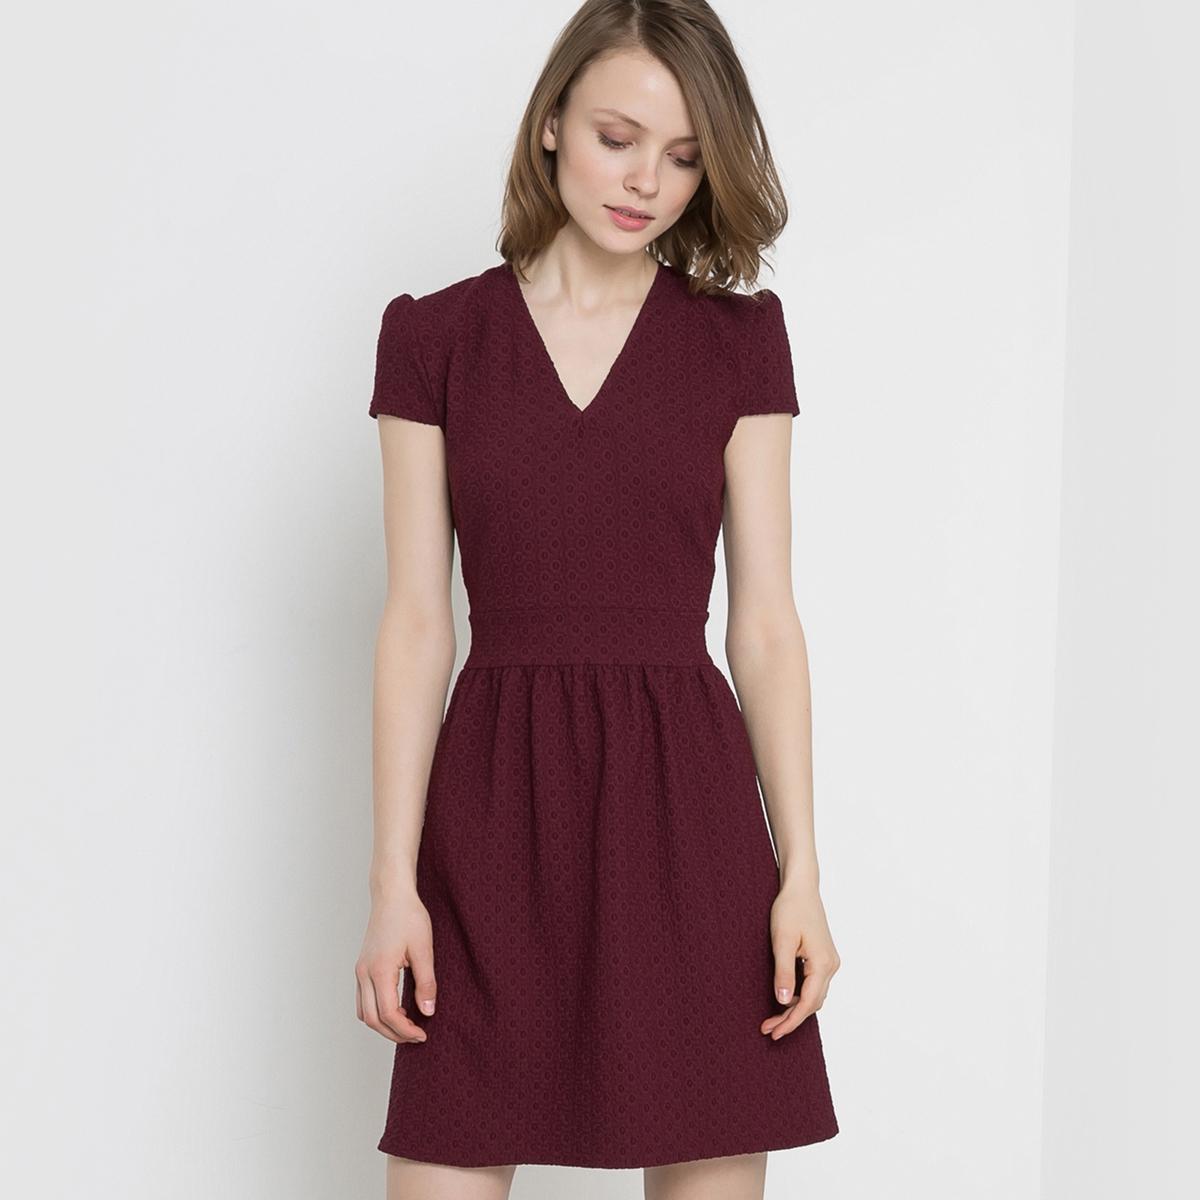 Платье жаккардовоеЖаккардовое платье с геометрическим структурным рисунком в тон. Короткие рукава. V-образный вырез спереди. Отрезное по талии, подчеркнуто складками. Потайная застежка на молнию сзади.  Состав и описание Материал : 51% вискозы, 46% полиэстера, 3% эластанаДлина : 90 смУходМашинная стирка при 30 °C с вещами схожих цветовСтирать и гладить с изнаночной стороны Машинная сушка в умеренном режиме Гладить при низкой температуре<br><br>Цвет: бордовый,зеленый,красный,темно-синий<br>Размер: 44 (FR) - 50 (RUS).42 (FR) - 48 (RUS).40 (FR) - 46 (RUS).38 (FR) - 44 (RUS).44 (FR) - 50 (RUS).42 (FR) - 48 (RUS).40 (FR) - 46 (RUS).38 (FR) - 44 (RUS).42 (FR) - 48 (RUS).40 (FR) - 46 (RUS)